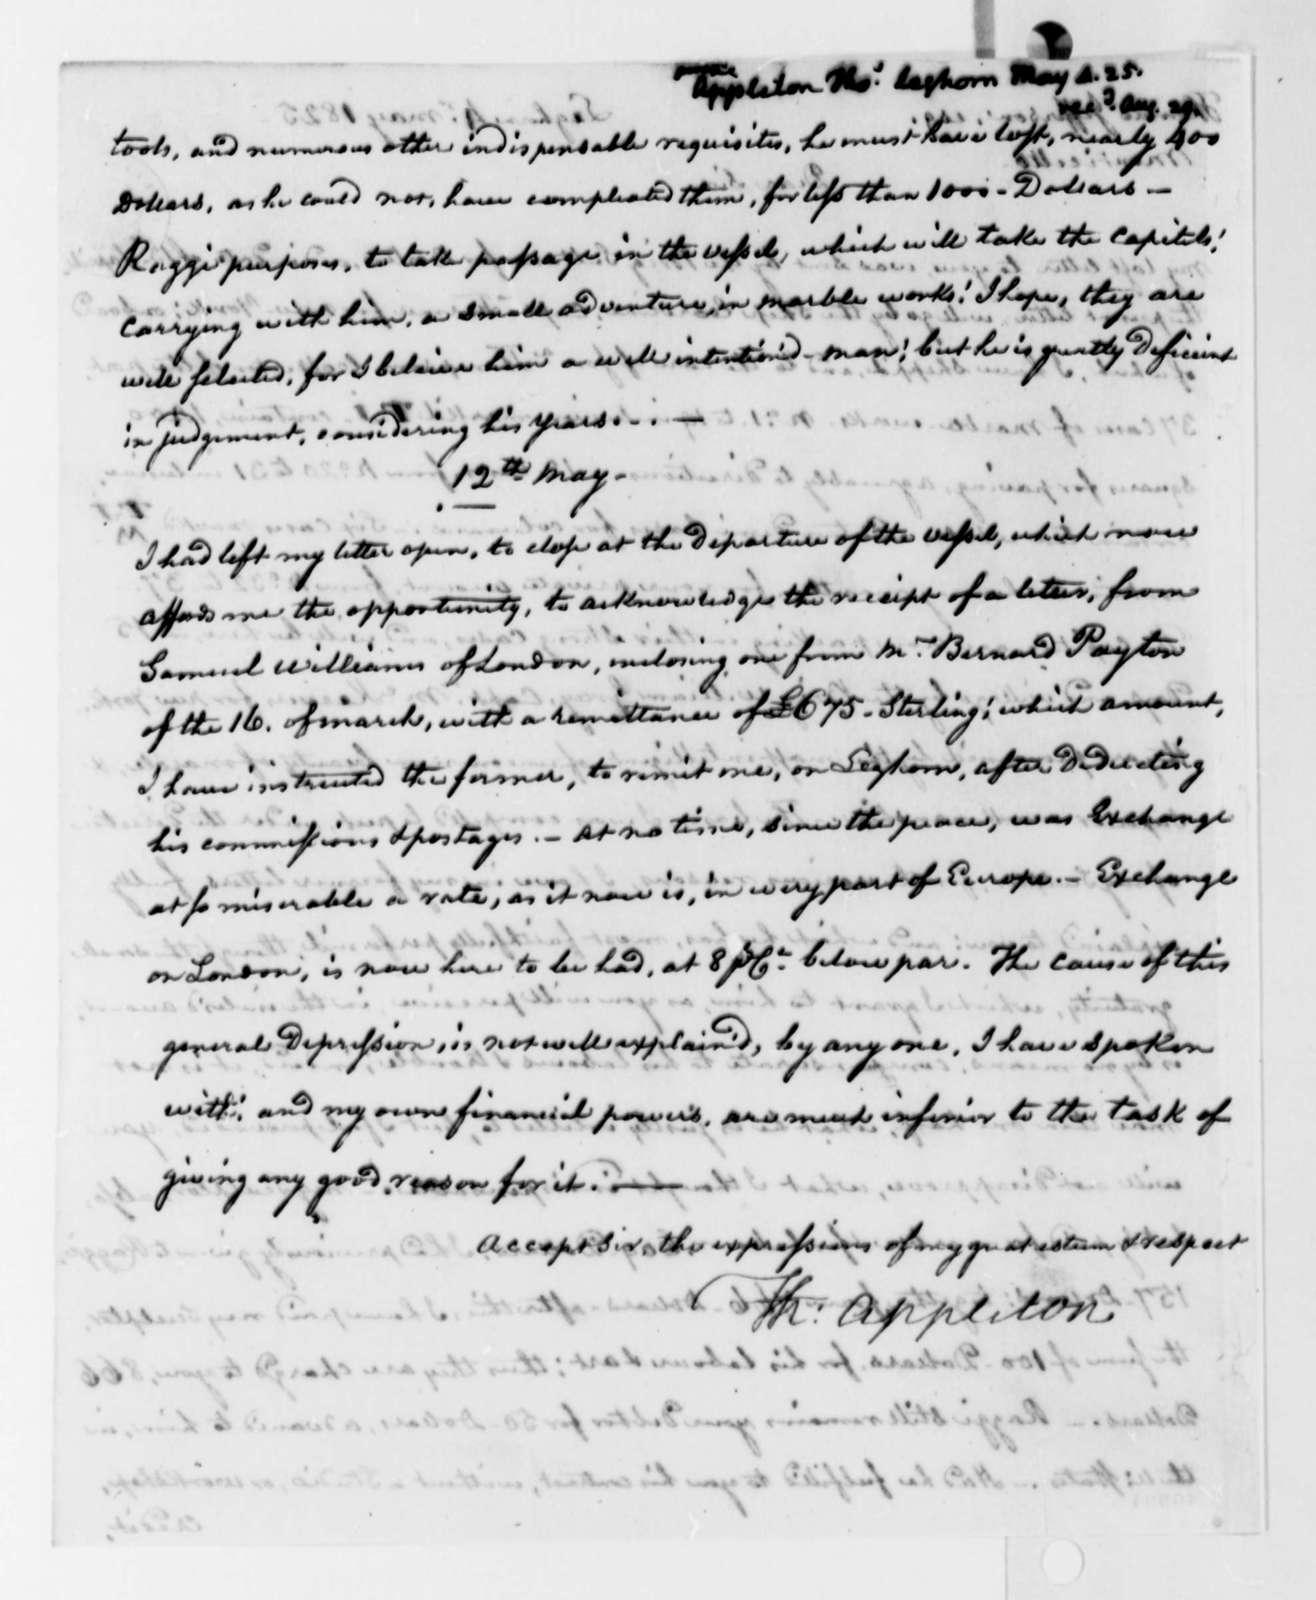 Thomas Appleton to Thomas Jefferson, May 4, 1825